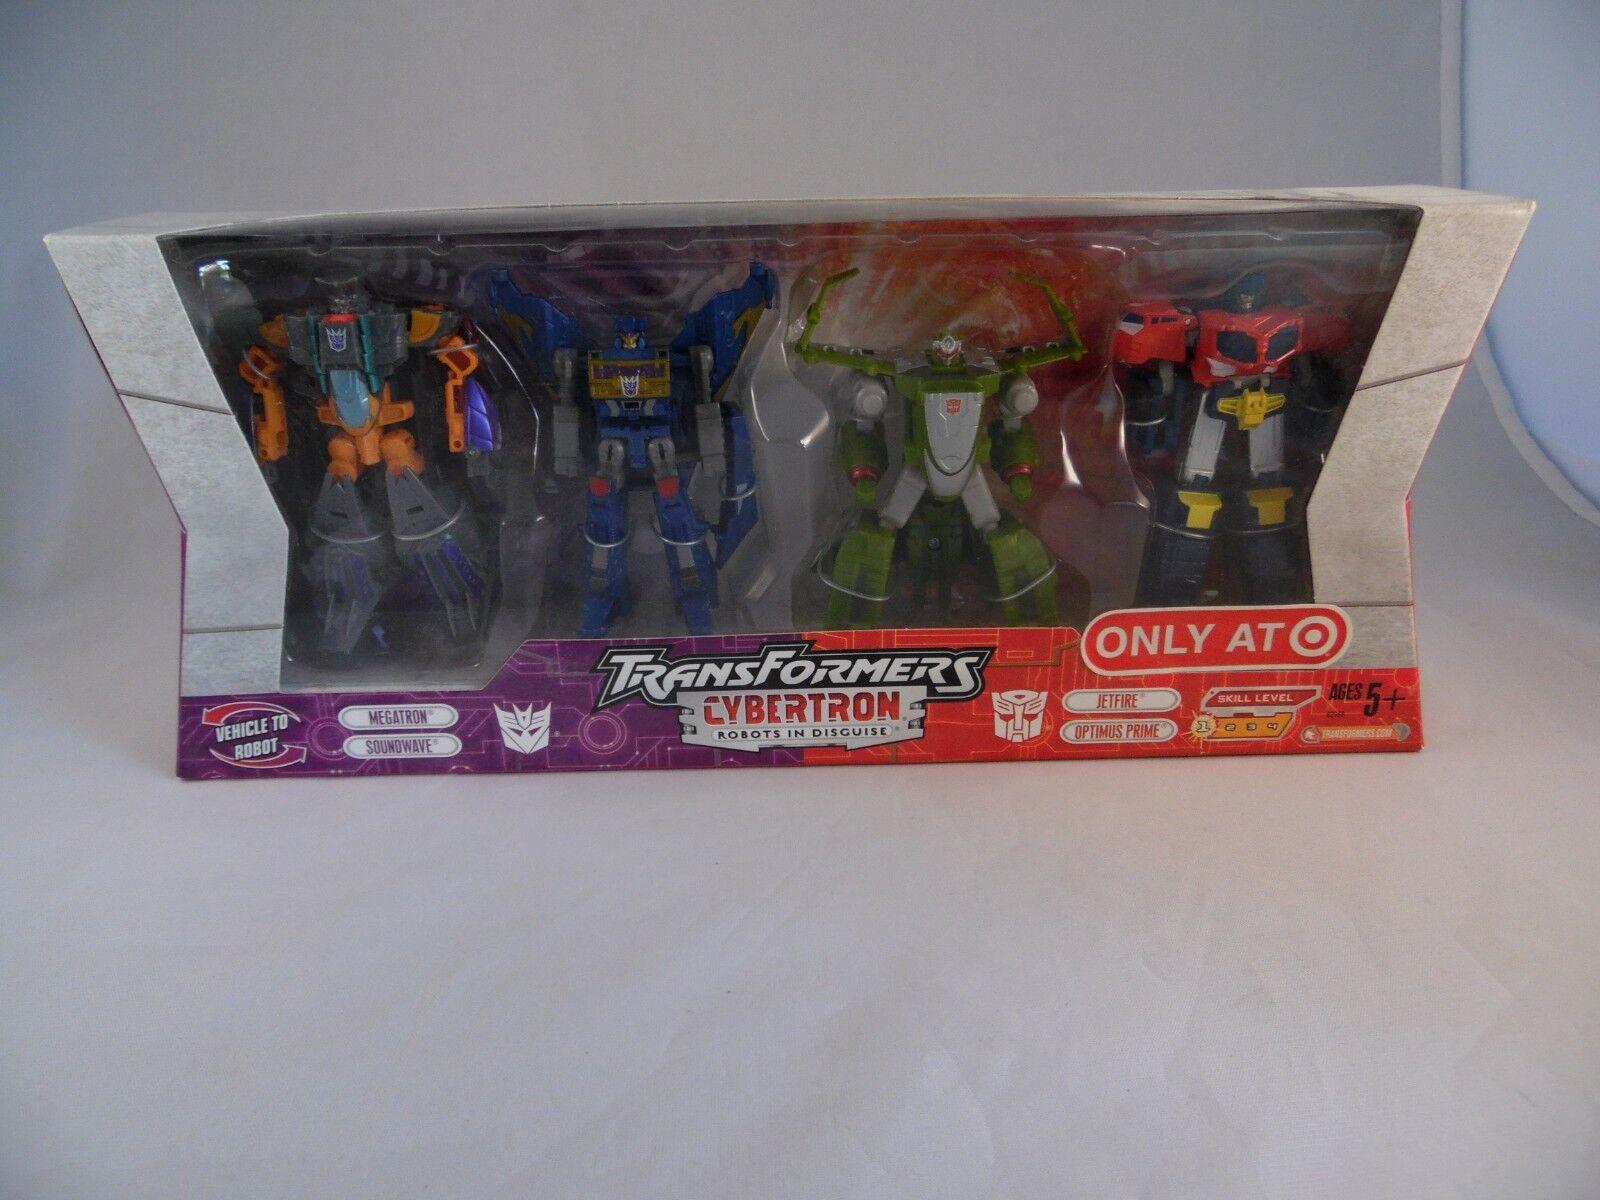 Transformers Cybertron Target Exclusive Robots Megatron Soundwave Jetfire Prime